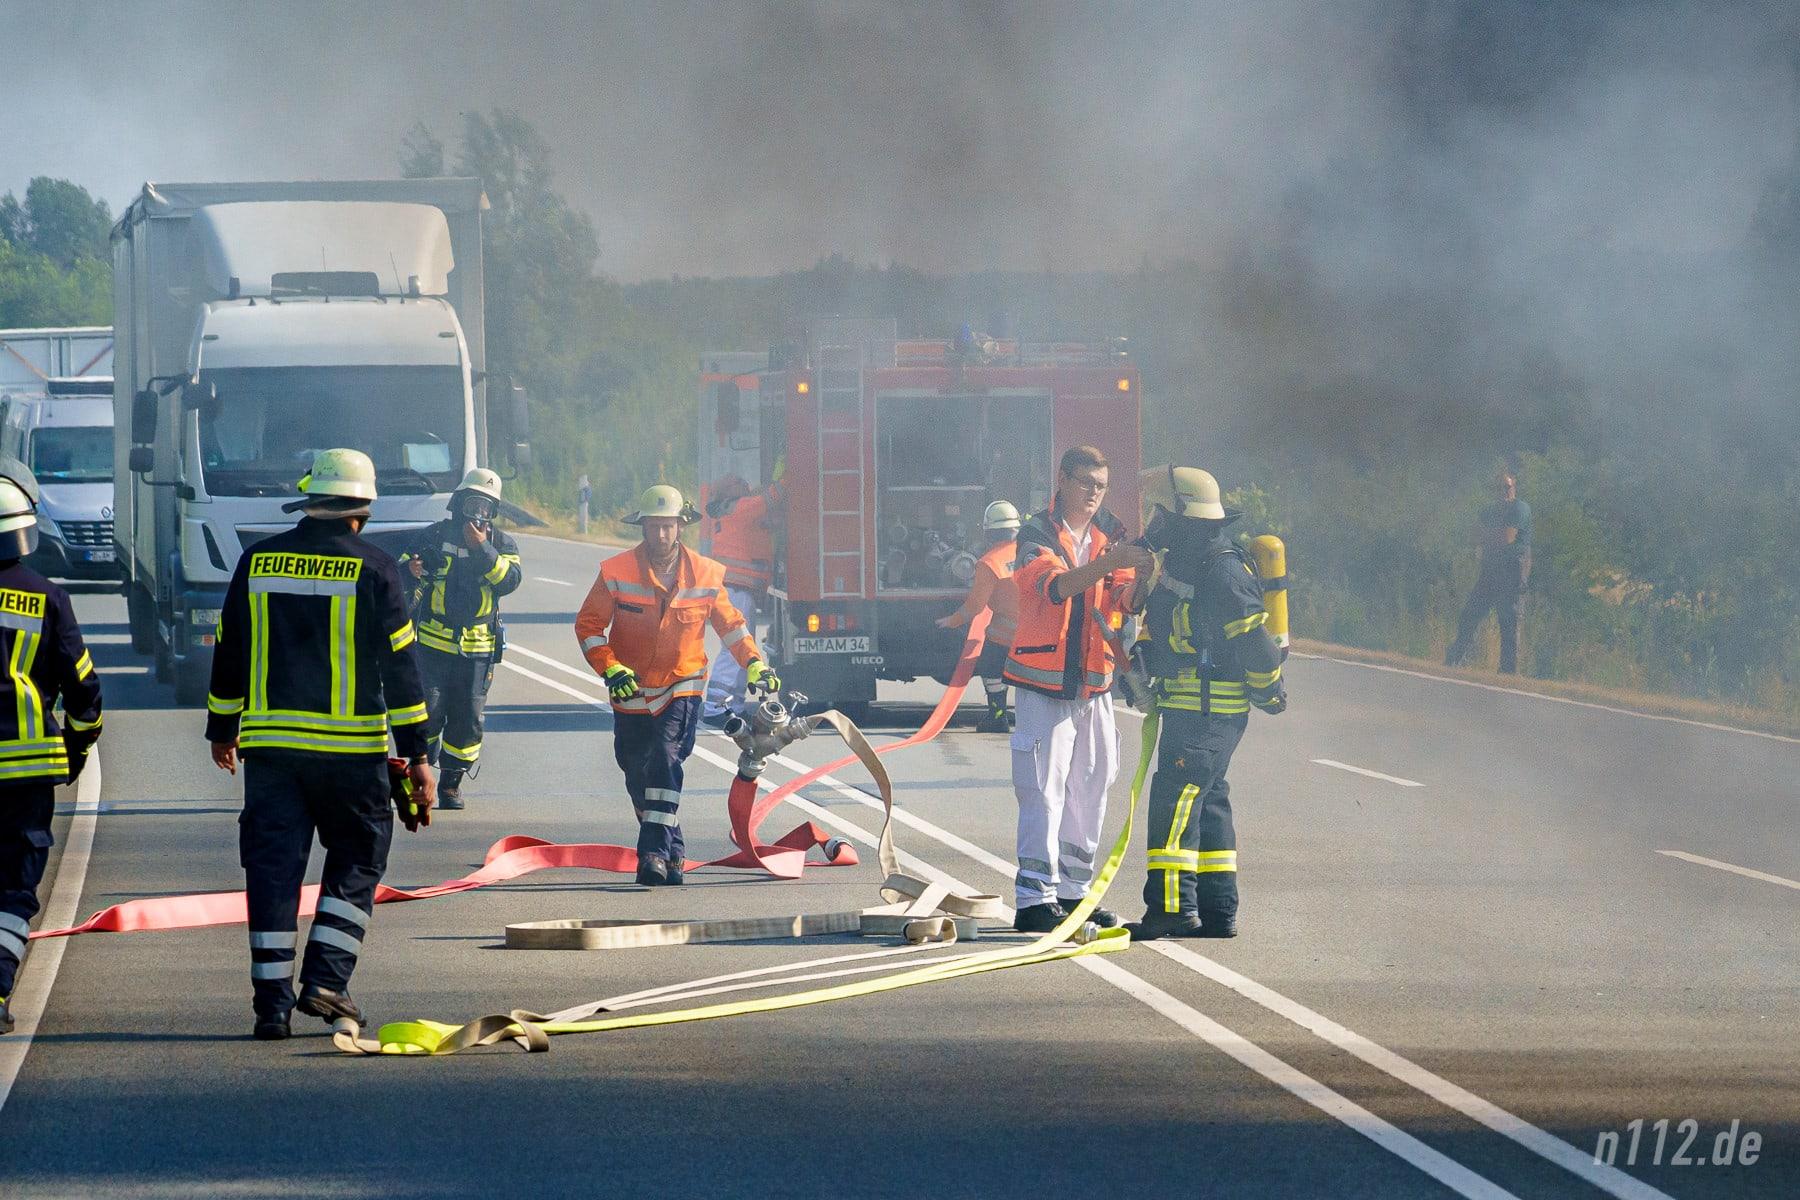 Außerhalb der Gefahrenzone: Die Sanitäter des Rettungswagens helfen beim Anlegen der Atemschutzgeräte und beim Aufbau des Löschangriffs (Foto: n112.de/Stefan Simonsen)